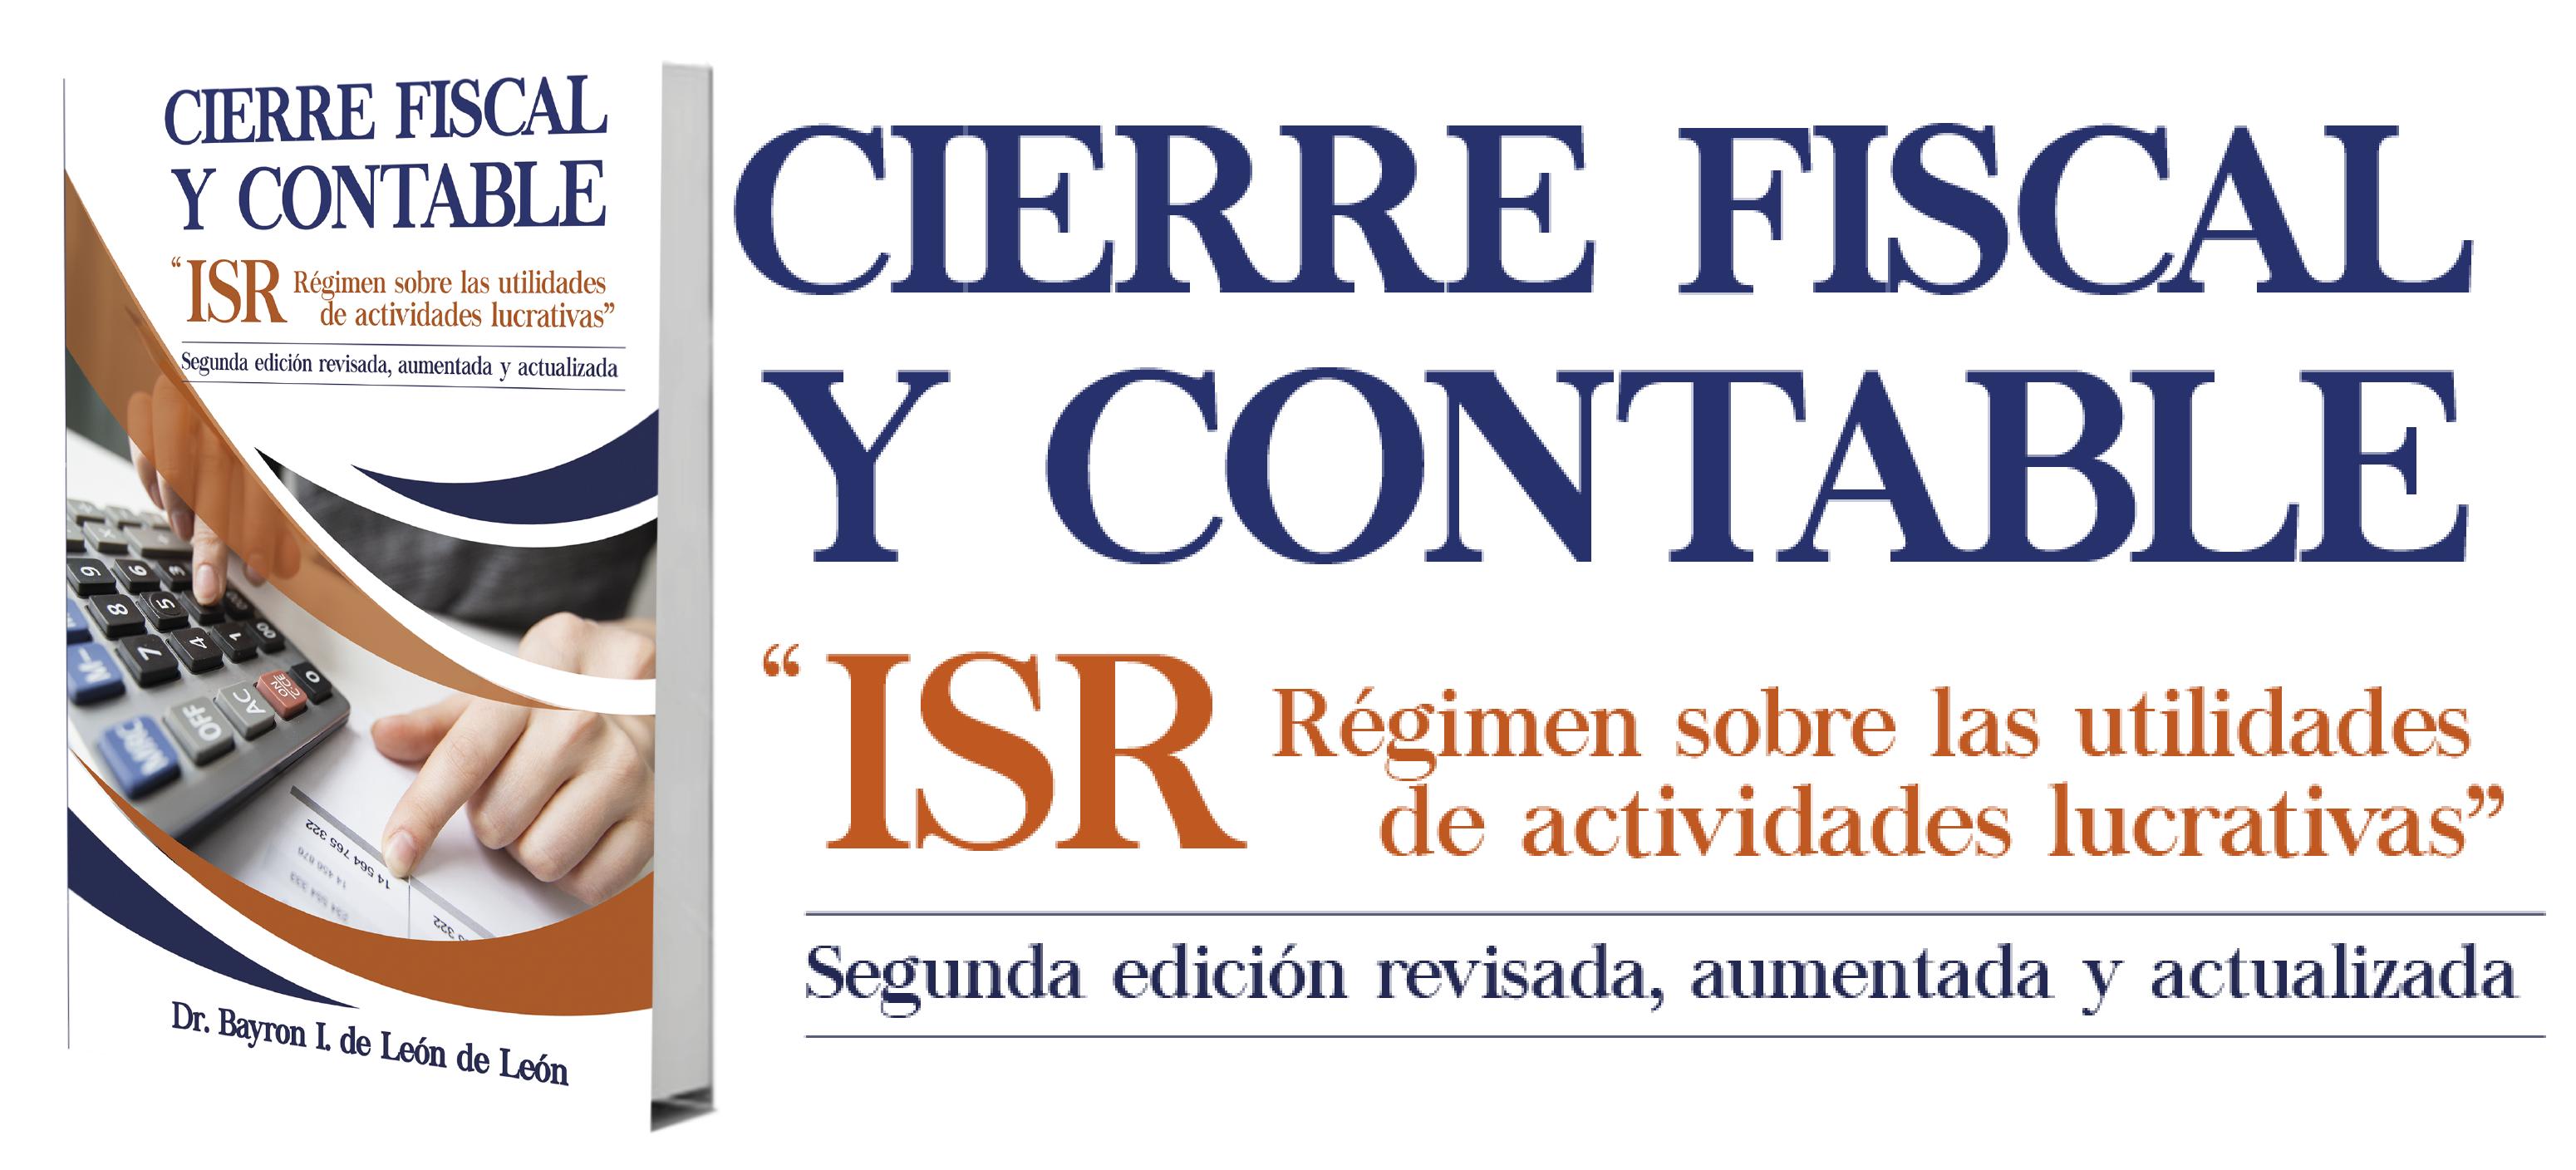 CIERRE FISCAL Y CONTABLE PUBLICAR